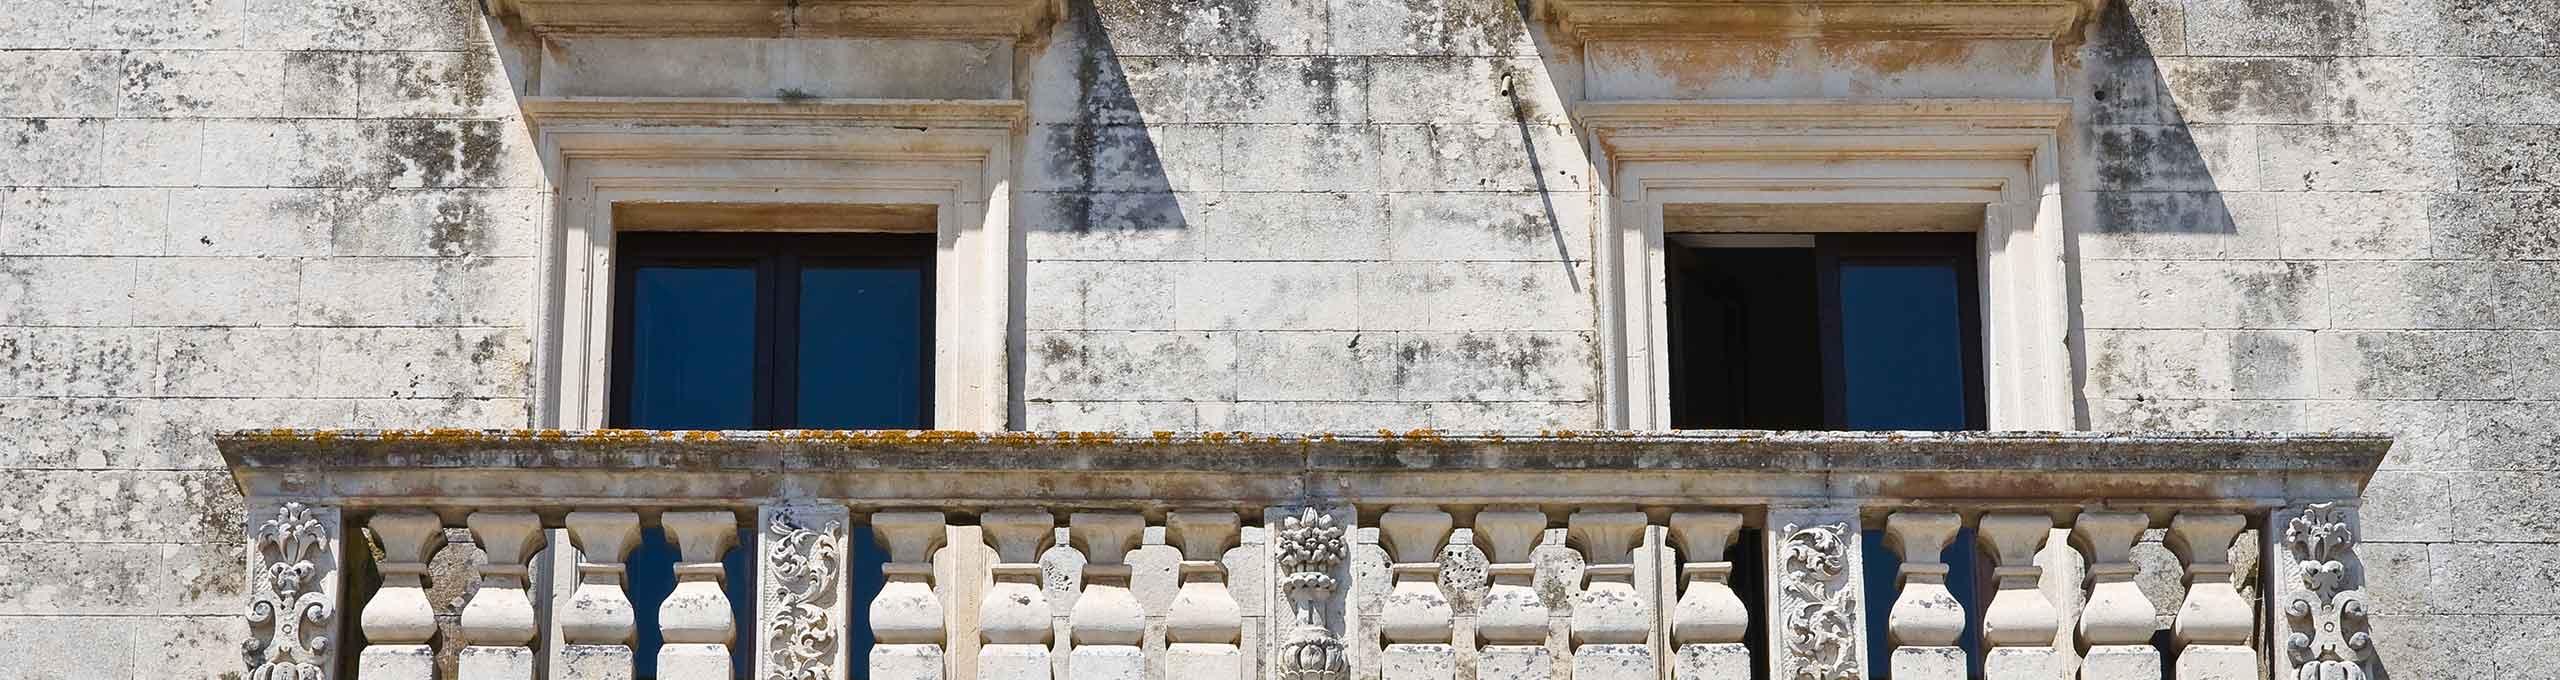 Sternatia, Salento, Palazzo del Municipio